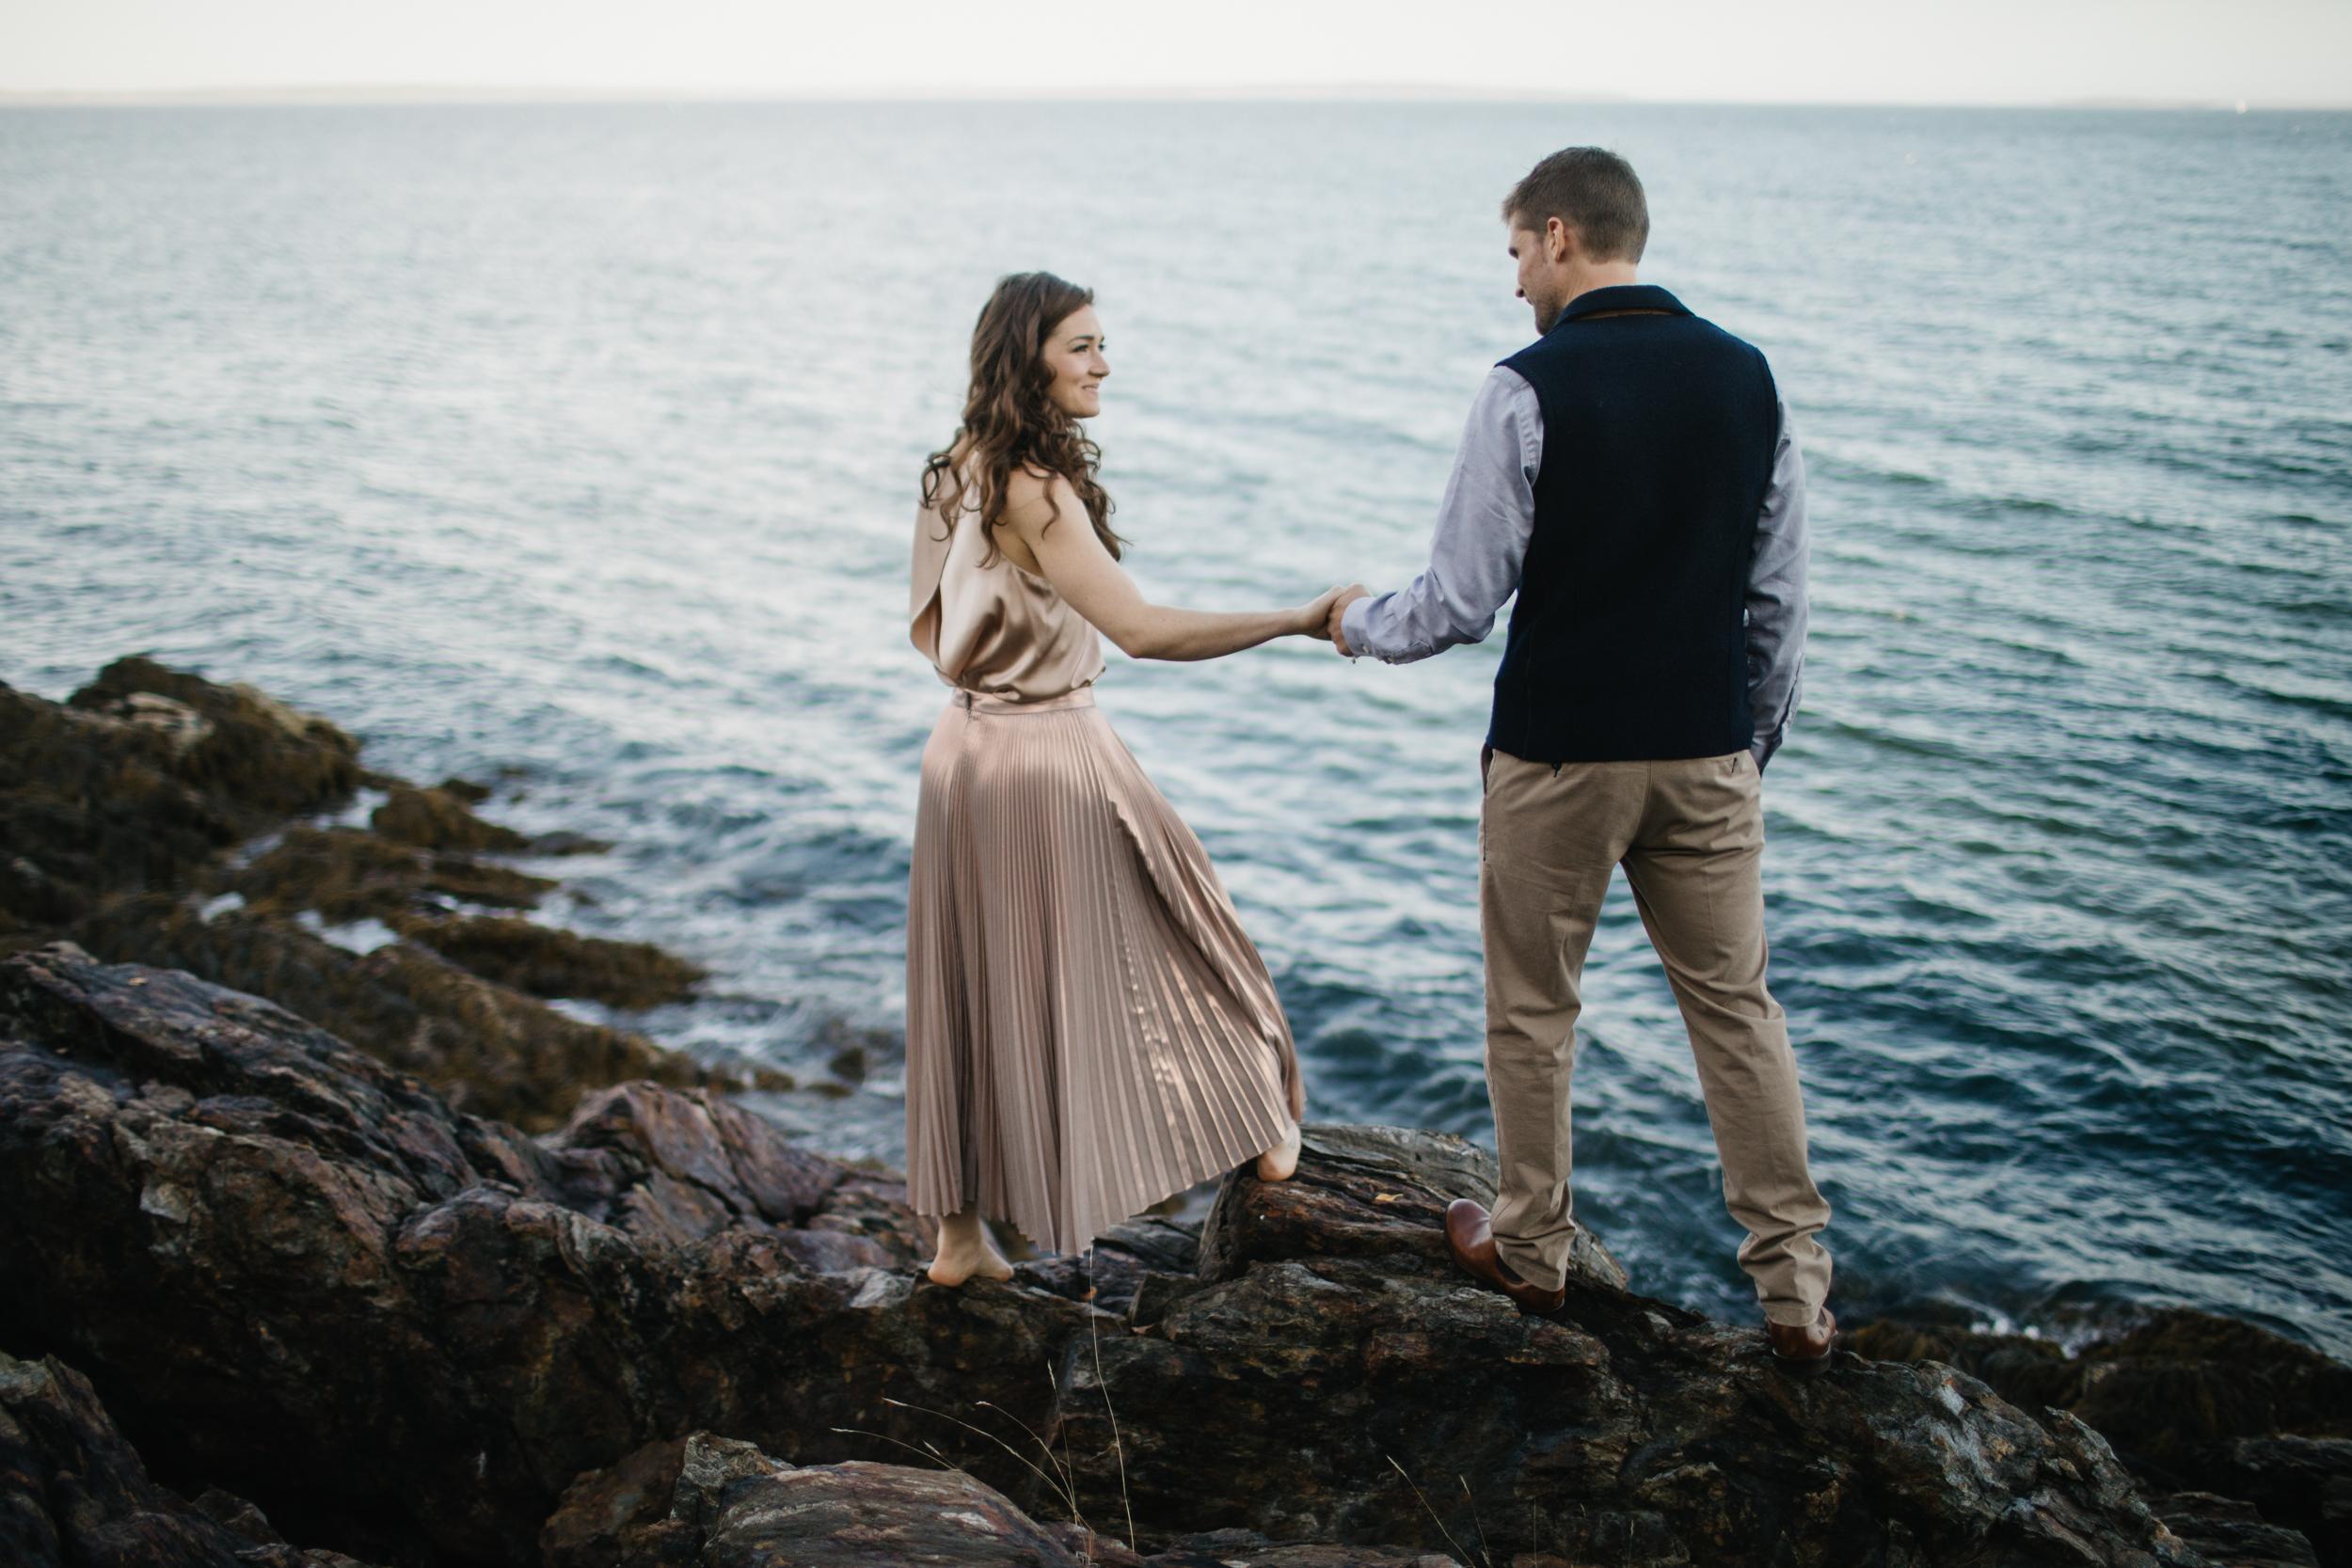 Mackenzie_Collins_Day_Two_Flatbread_Company_rockport_Maine_wedding_029.jpg